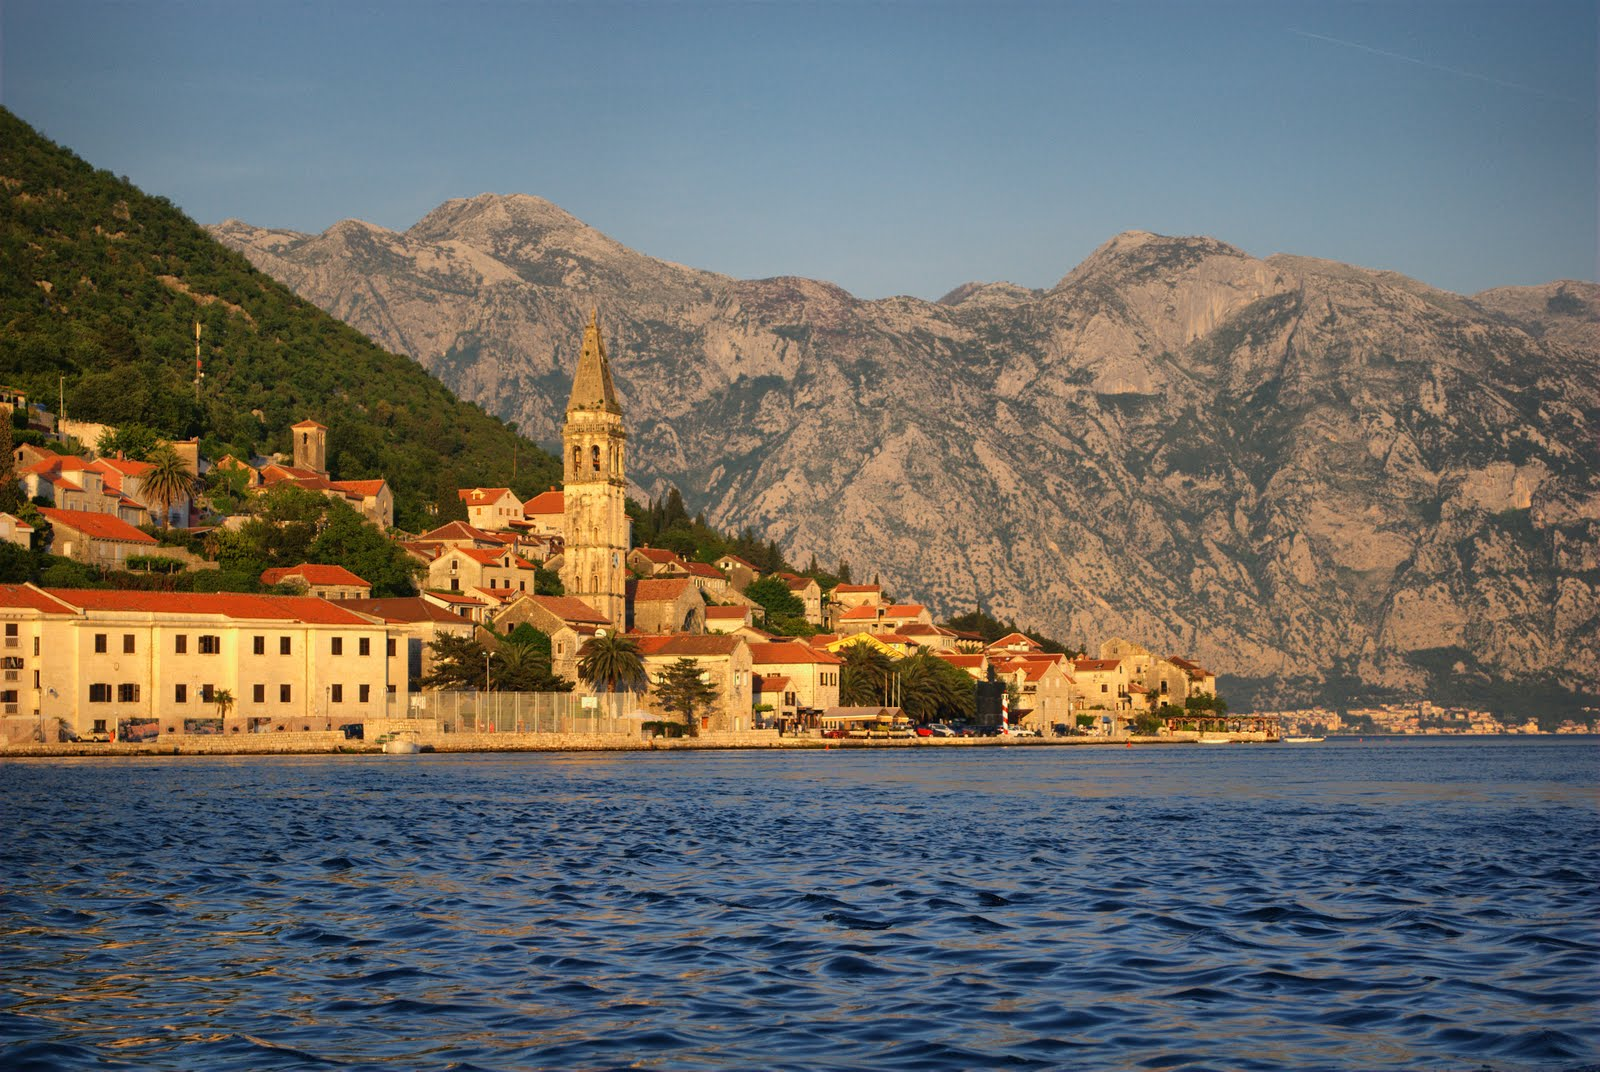 Черногория недвижимость купить дешево в рублях